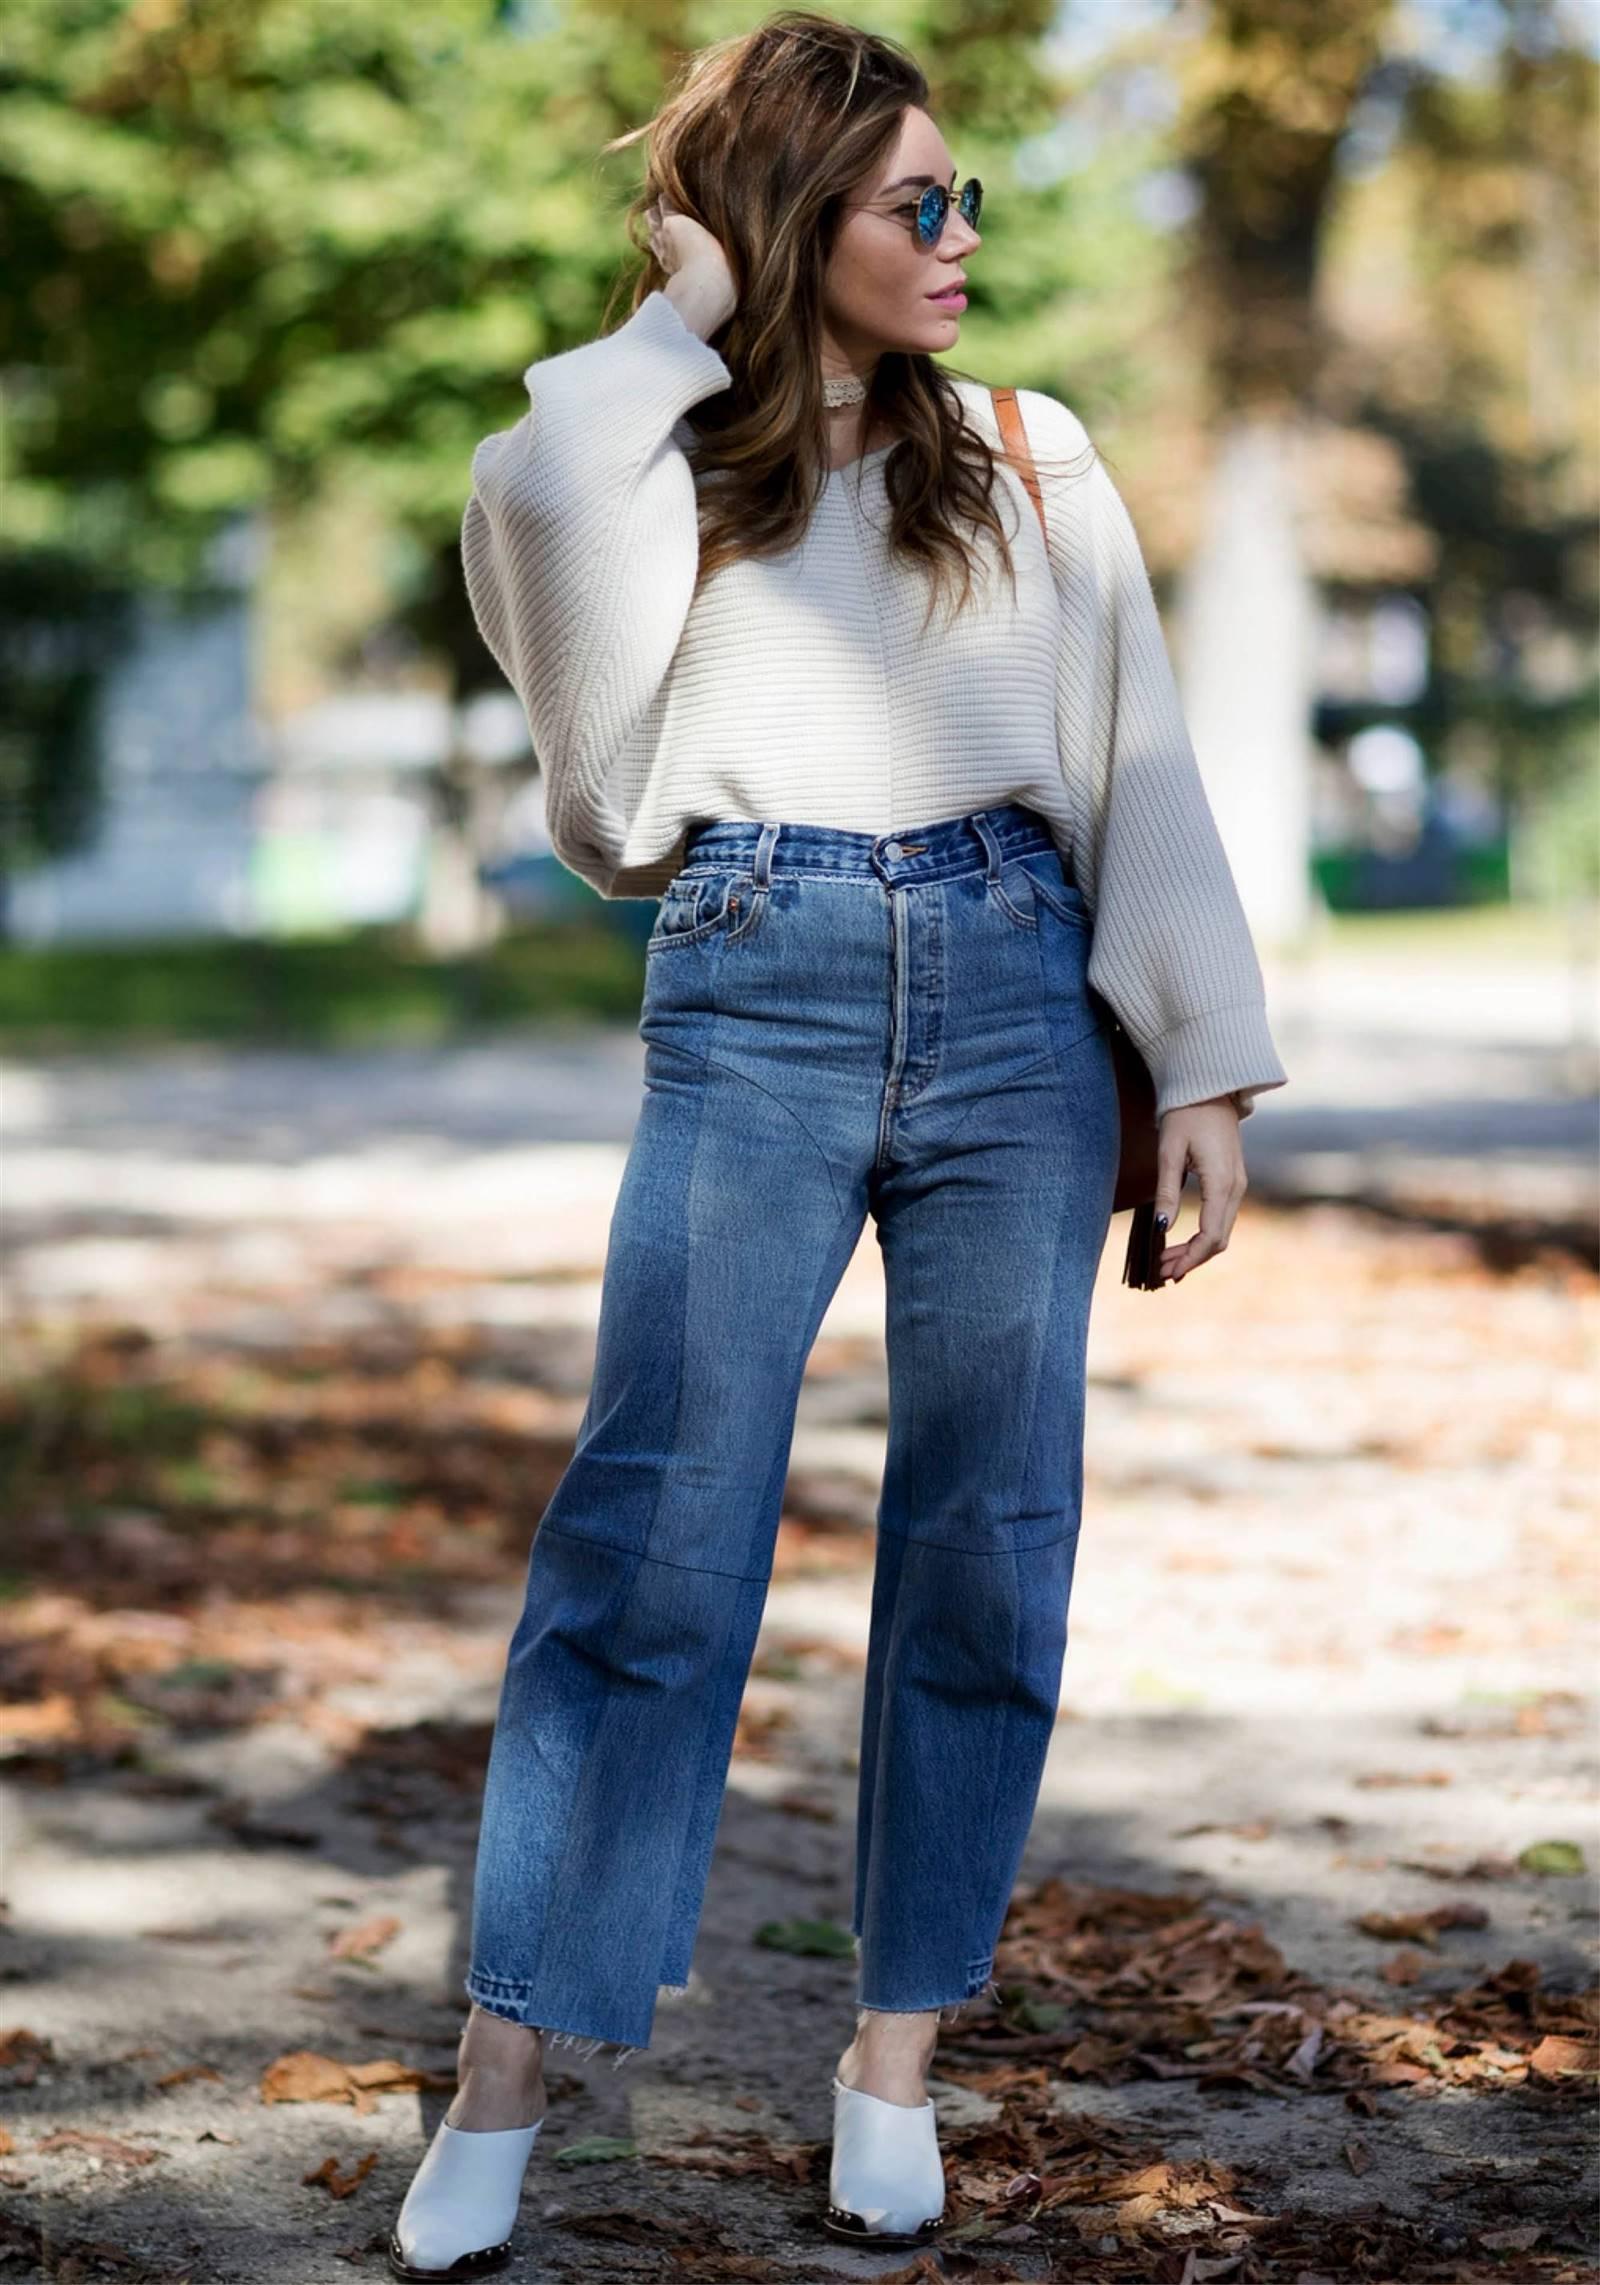 Los 4 Pantalones Vaqueros De Zara Que Hacen Tipazo Y Quedan Super Bien